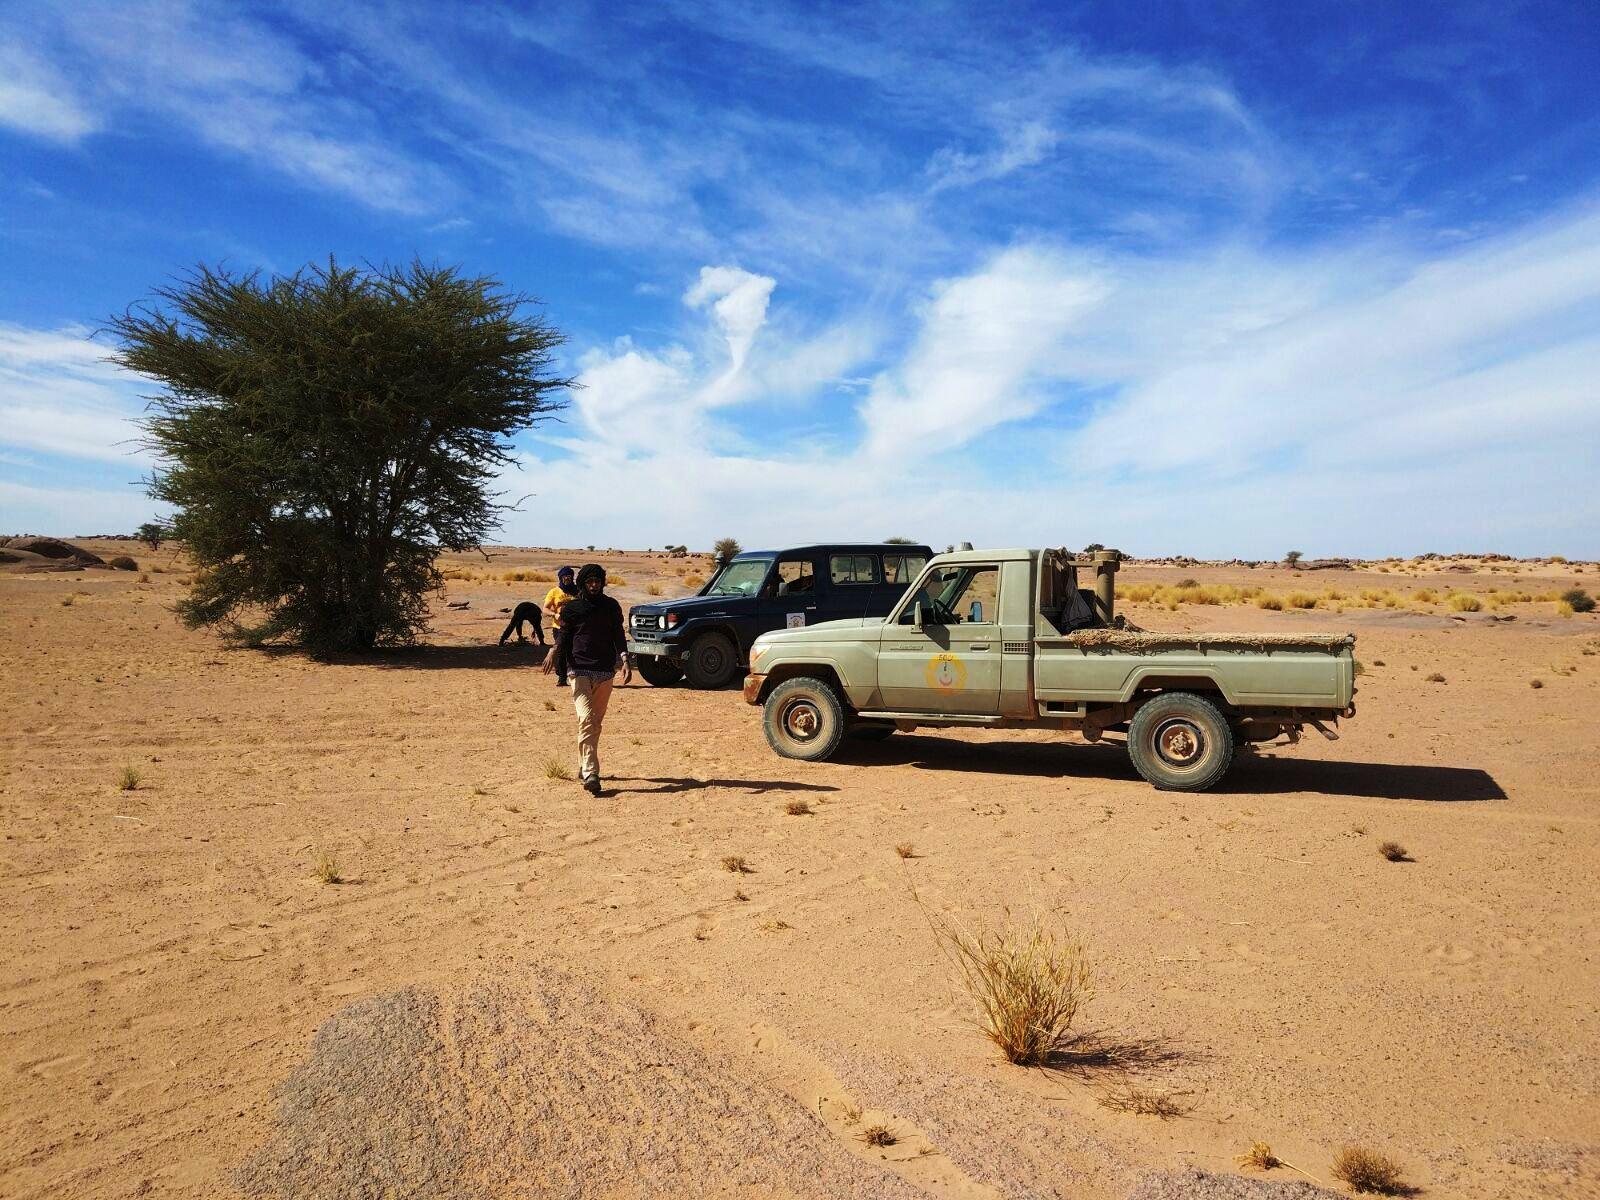 territorios-liberados-marruecos-sahara-libre-fedesaex_viaje de identificacion_sahara-extremadura-campamentos-refugiados-tindouf-21